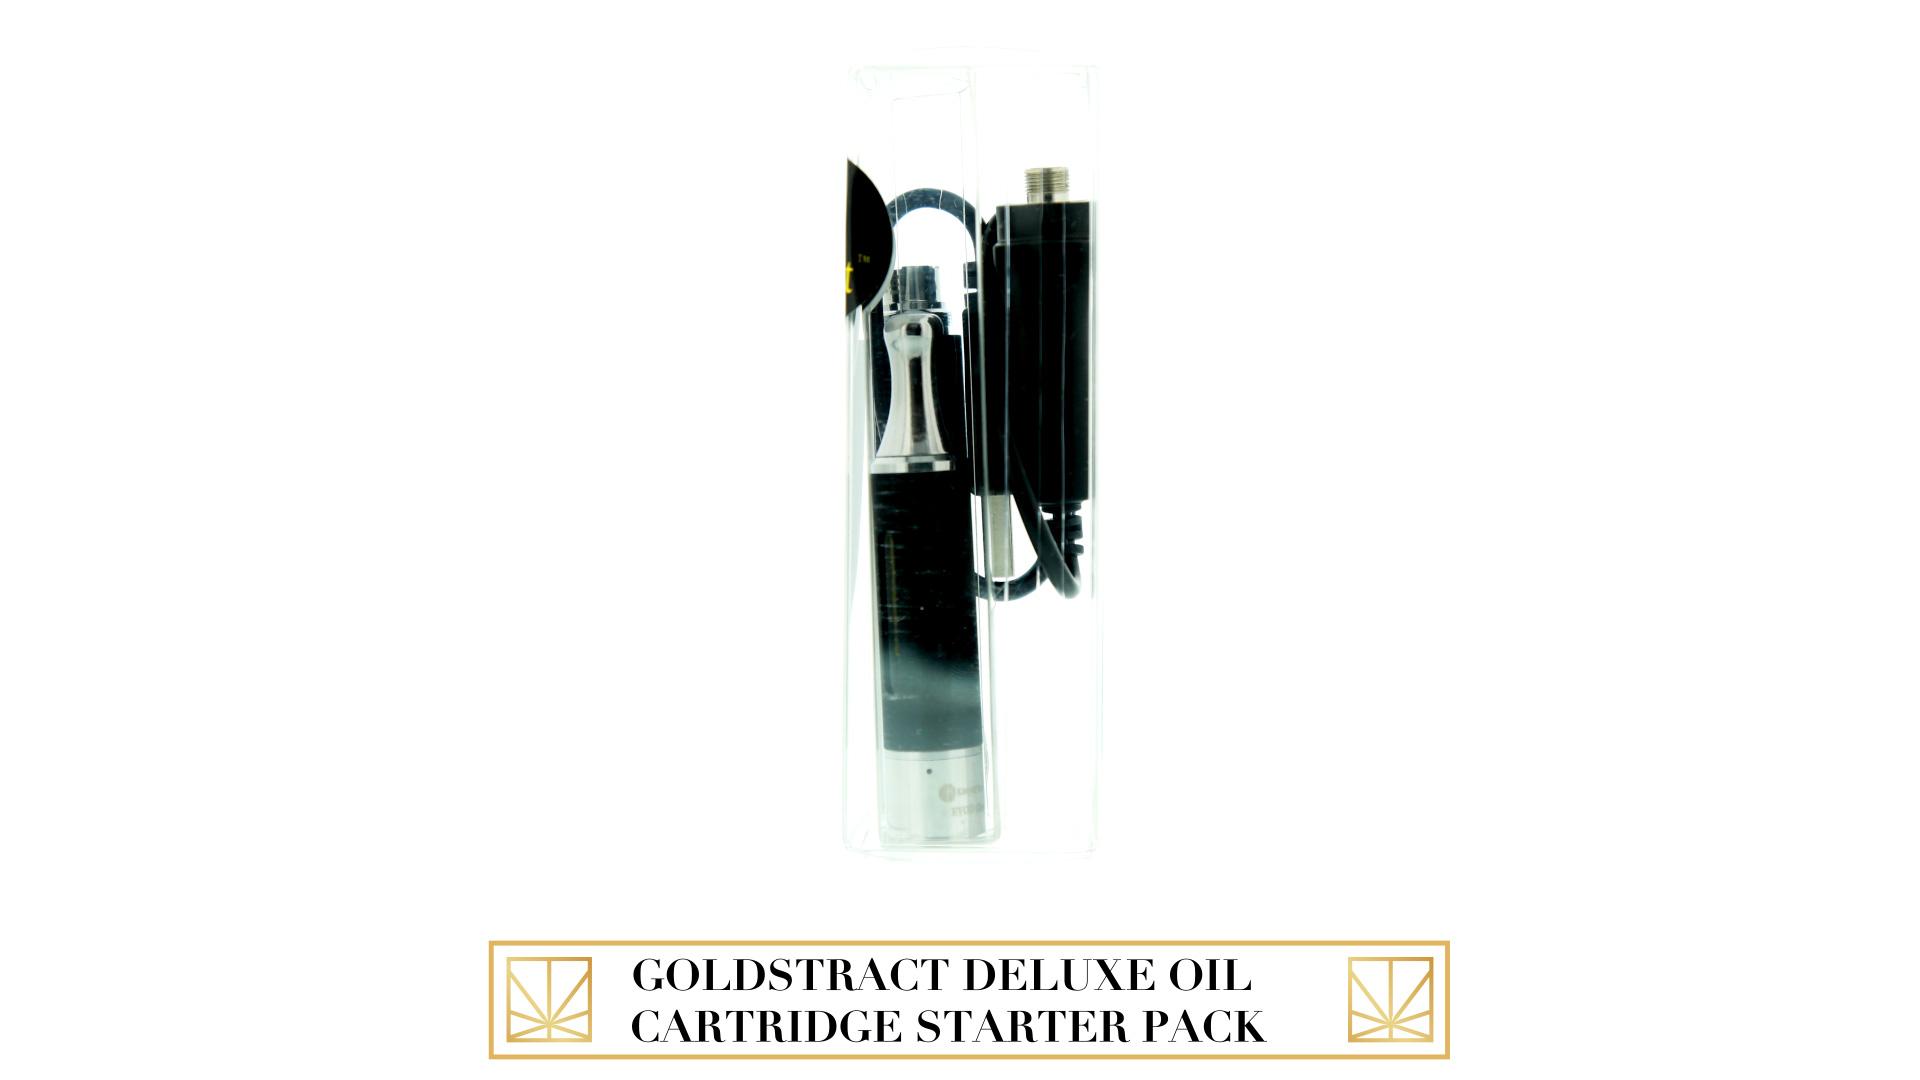 GoldStract Deluxe Oil Cartridge Starter Pack